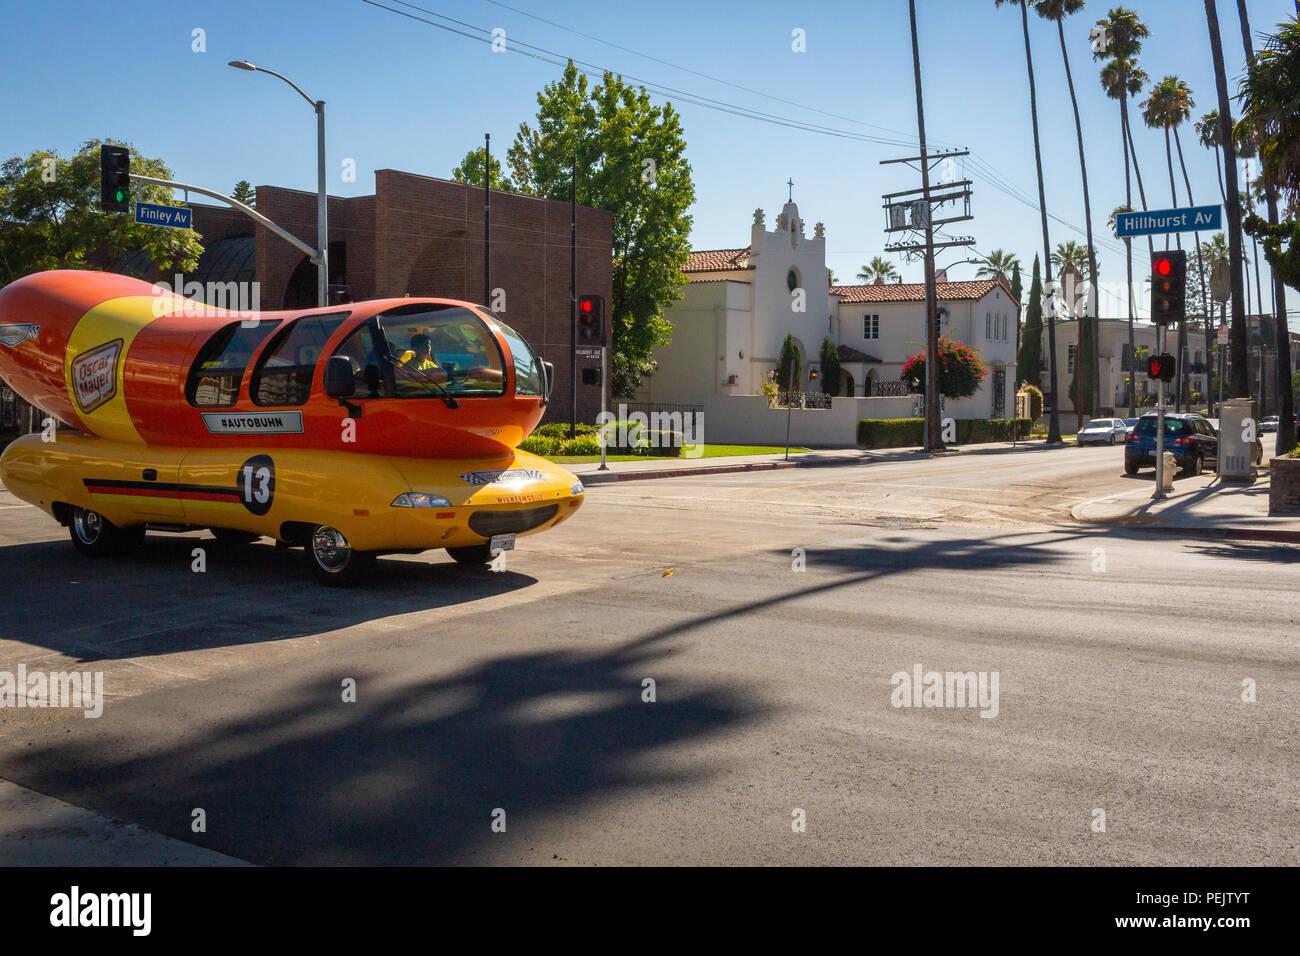 Oscar Mayer Wienermobile circulando en Los Feliz, Los Angeles, California. Imagen De Stock